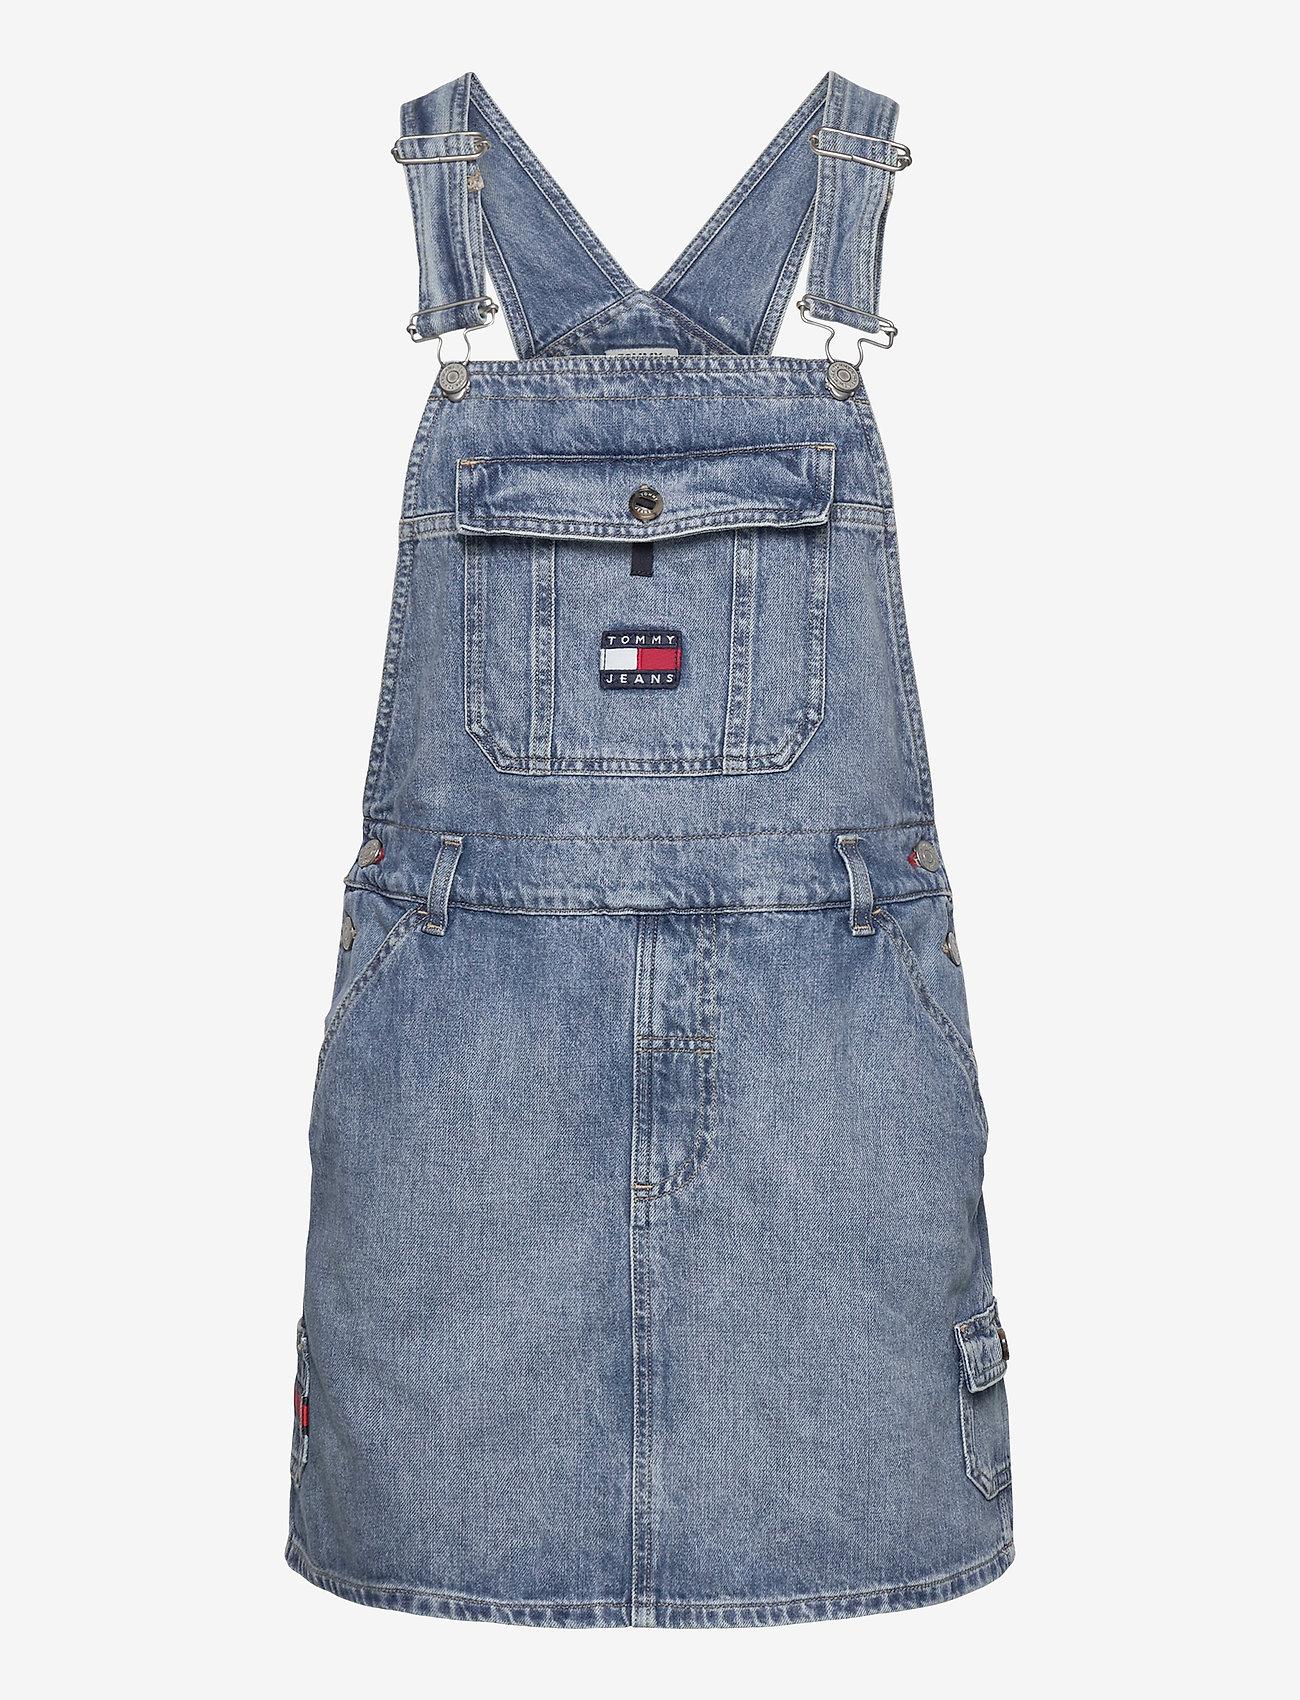 Tommy Jeans - DUNGAREE DRESS CRLT - denim dresses - carol lt bl rig - 0